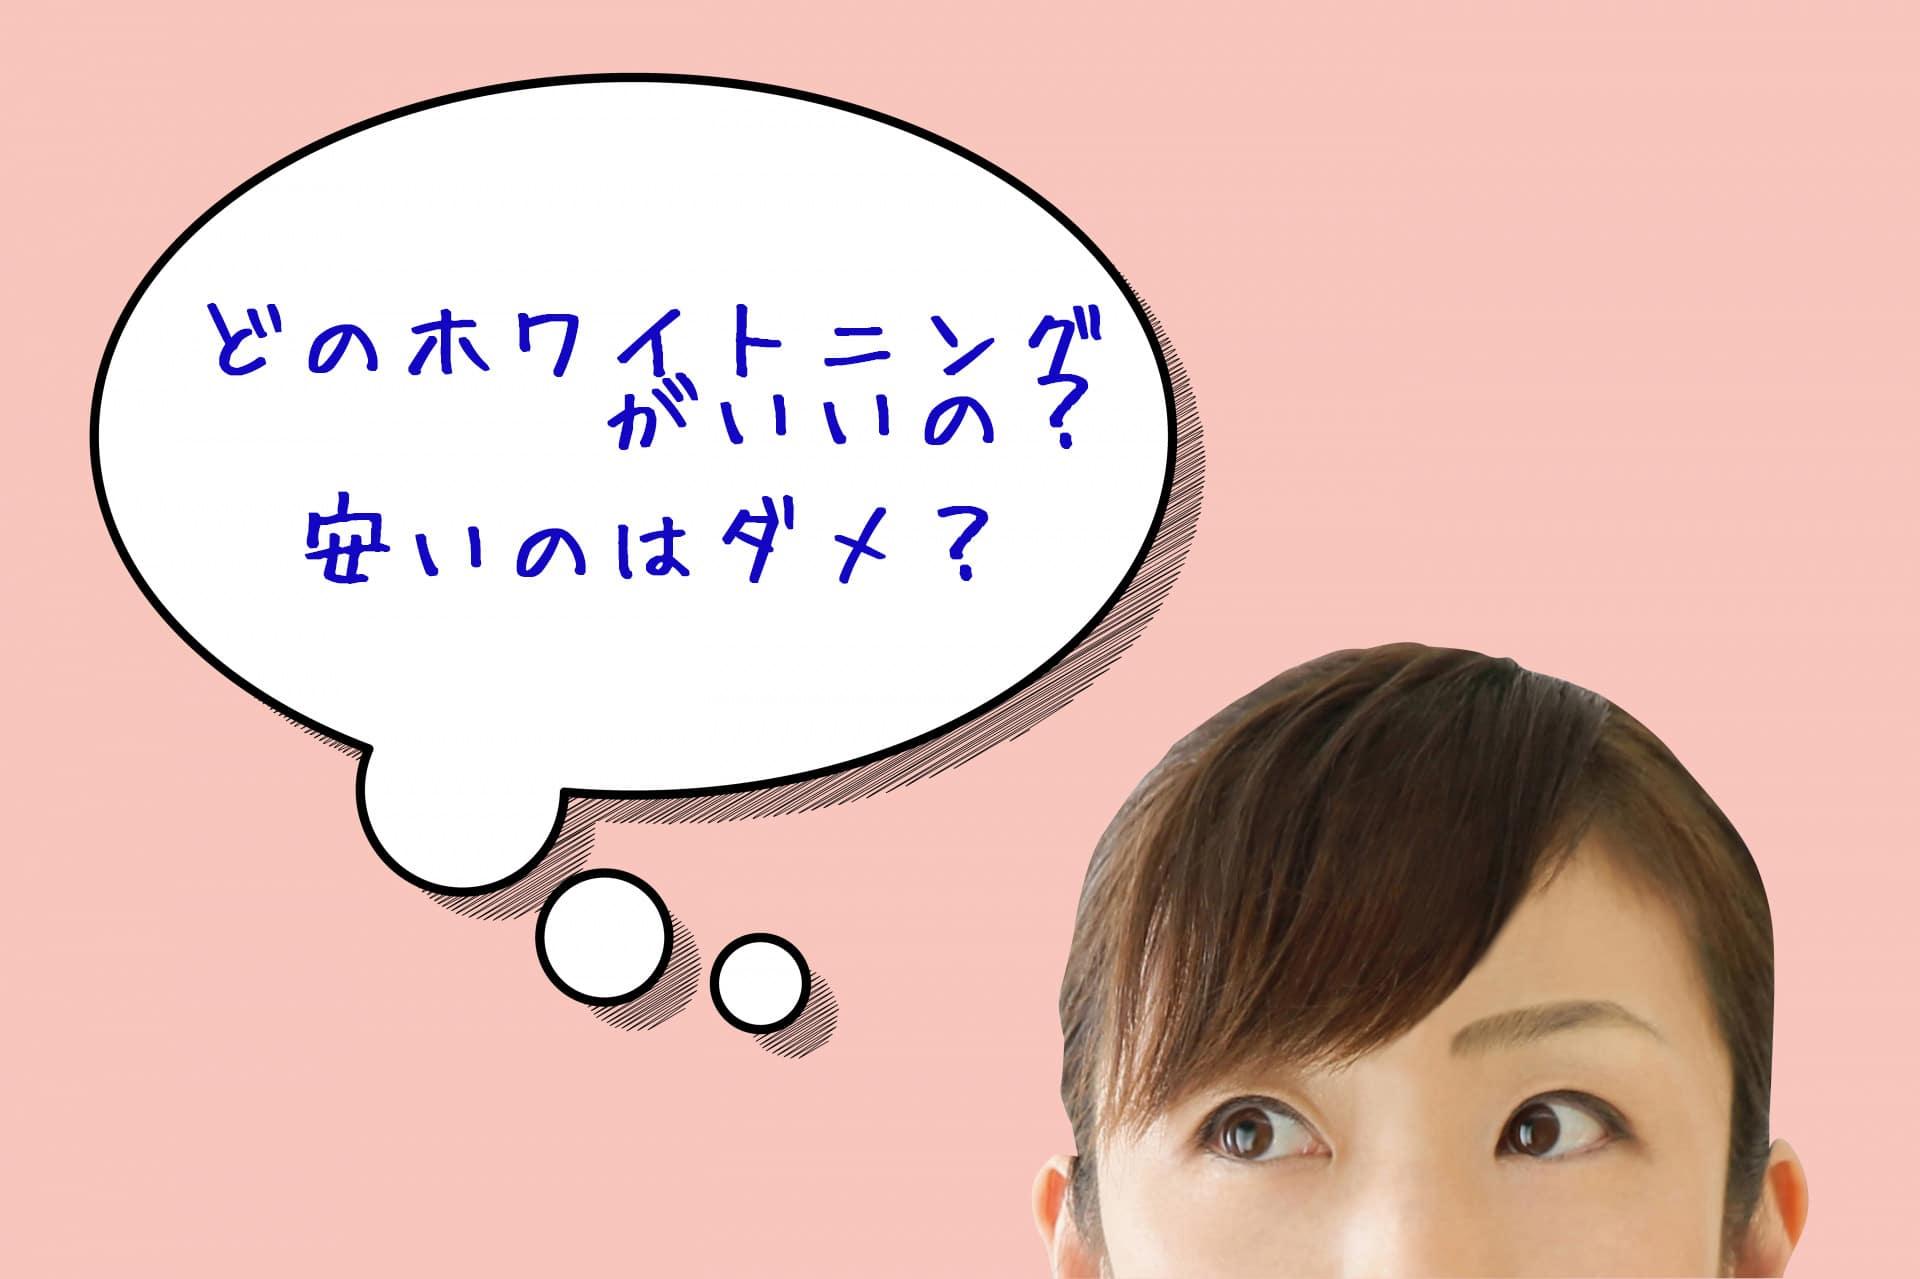 東京のホワイトニングはどこがいい?